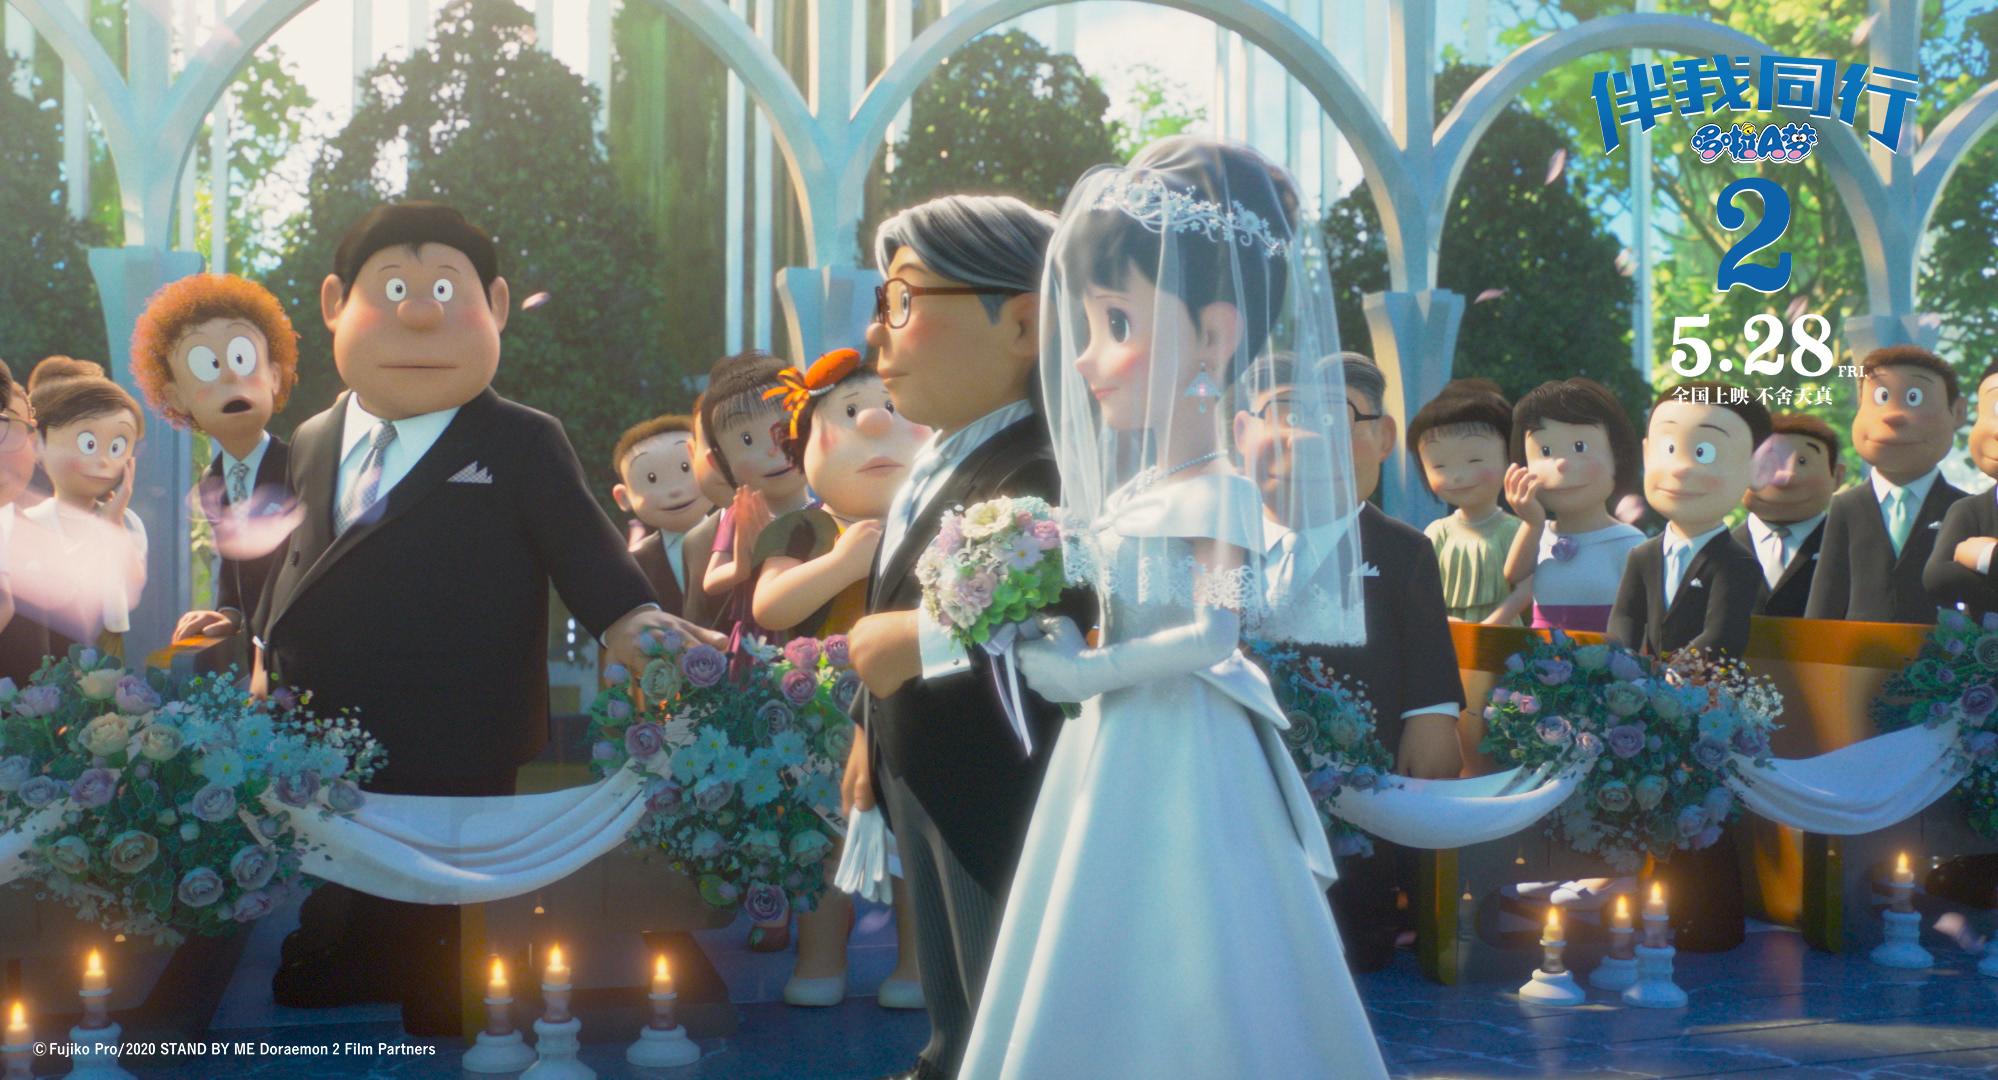 电影《哆啦A梦:伴我同行2》定档5.28 3D CG哆啦A梦时隔6年惊喜回归